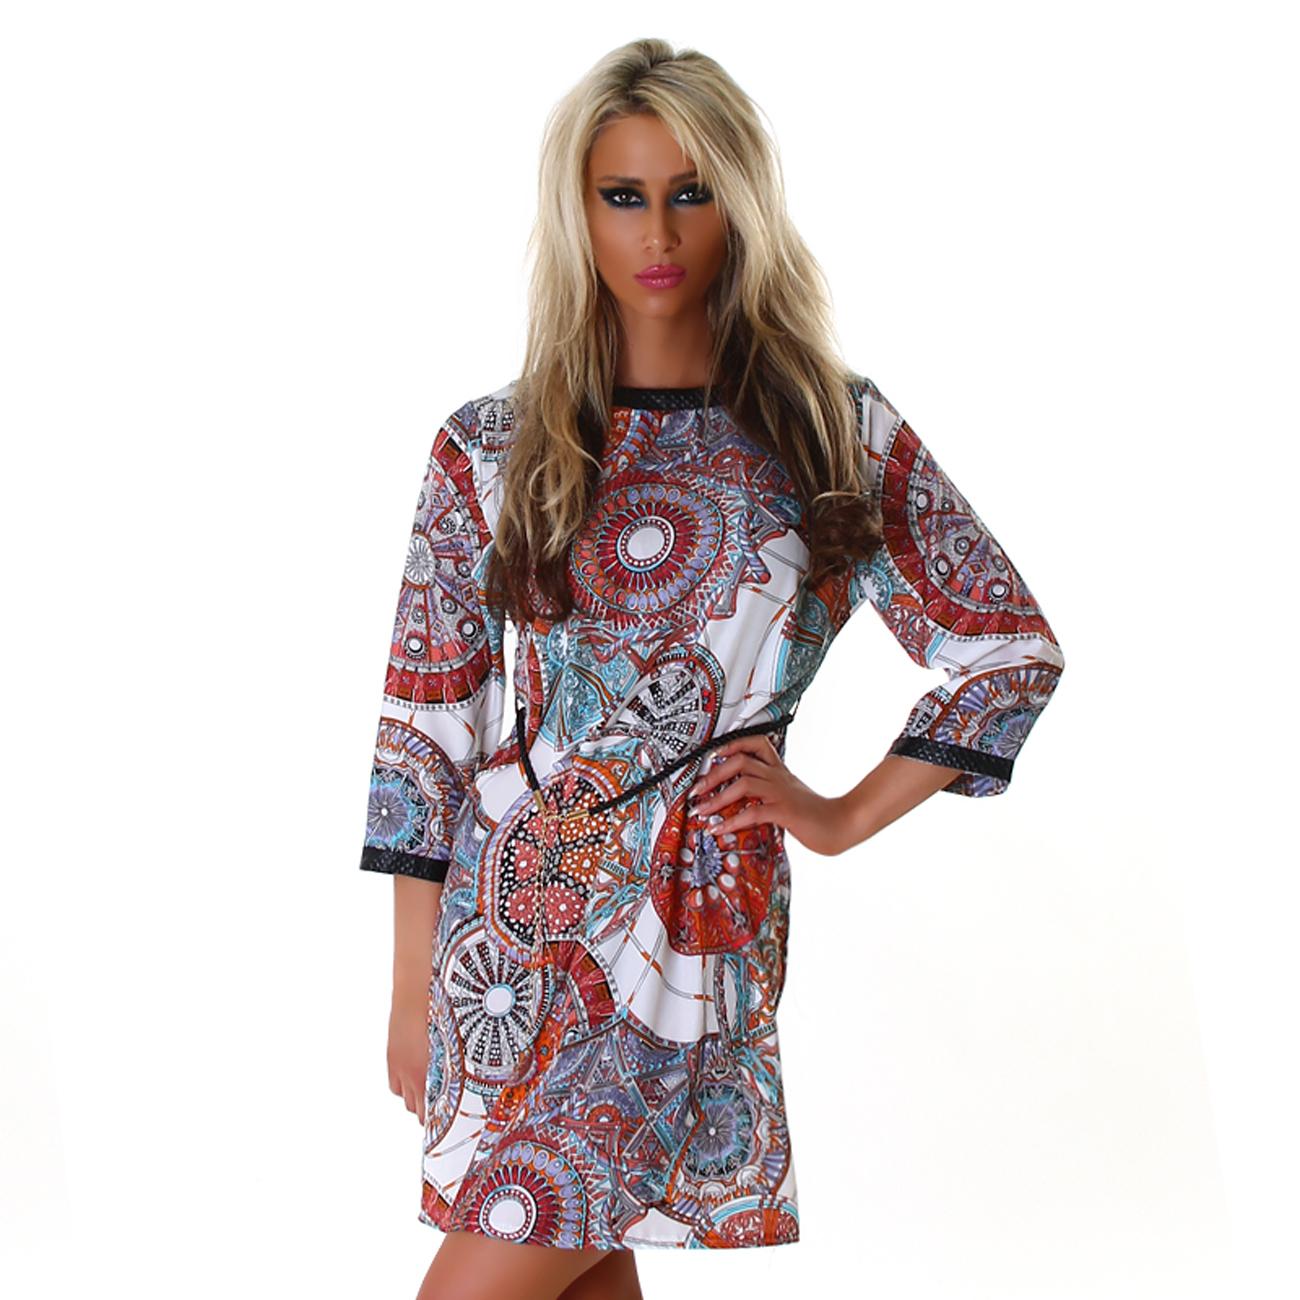 Dámské letní šaty Zn. Jela London - bílé (Dámské šaty)